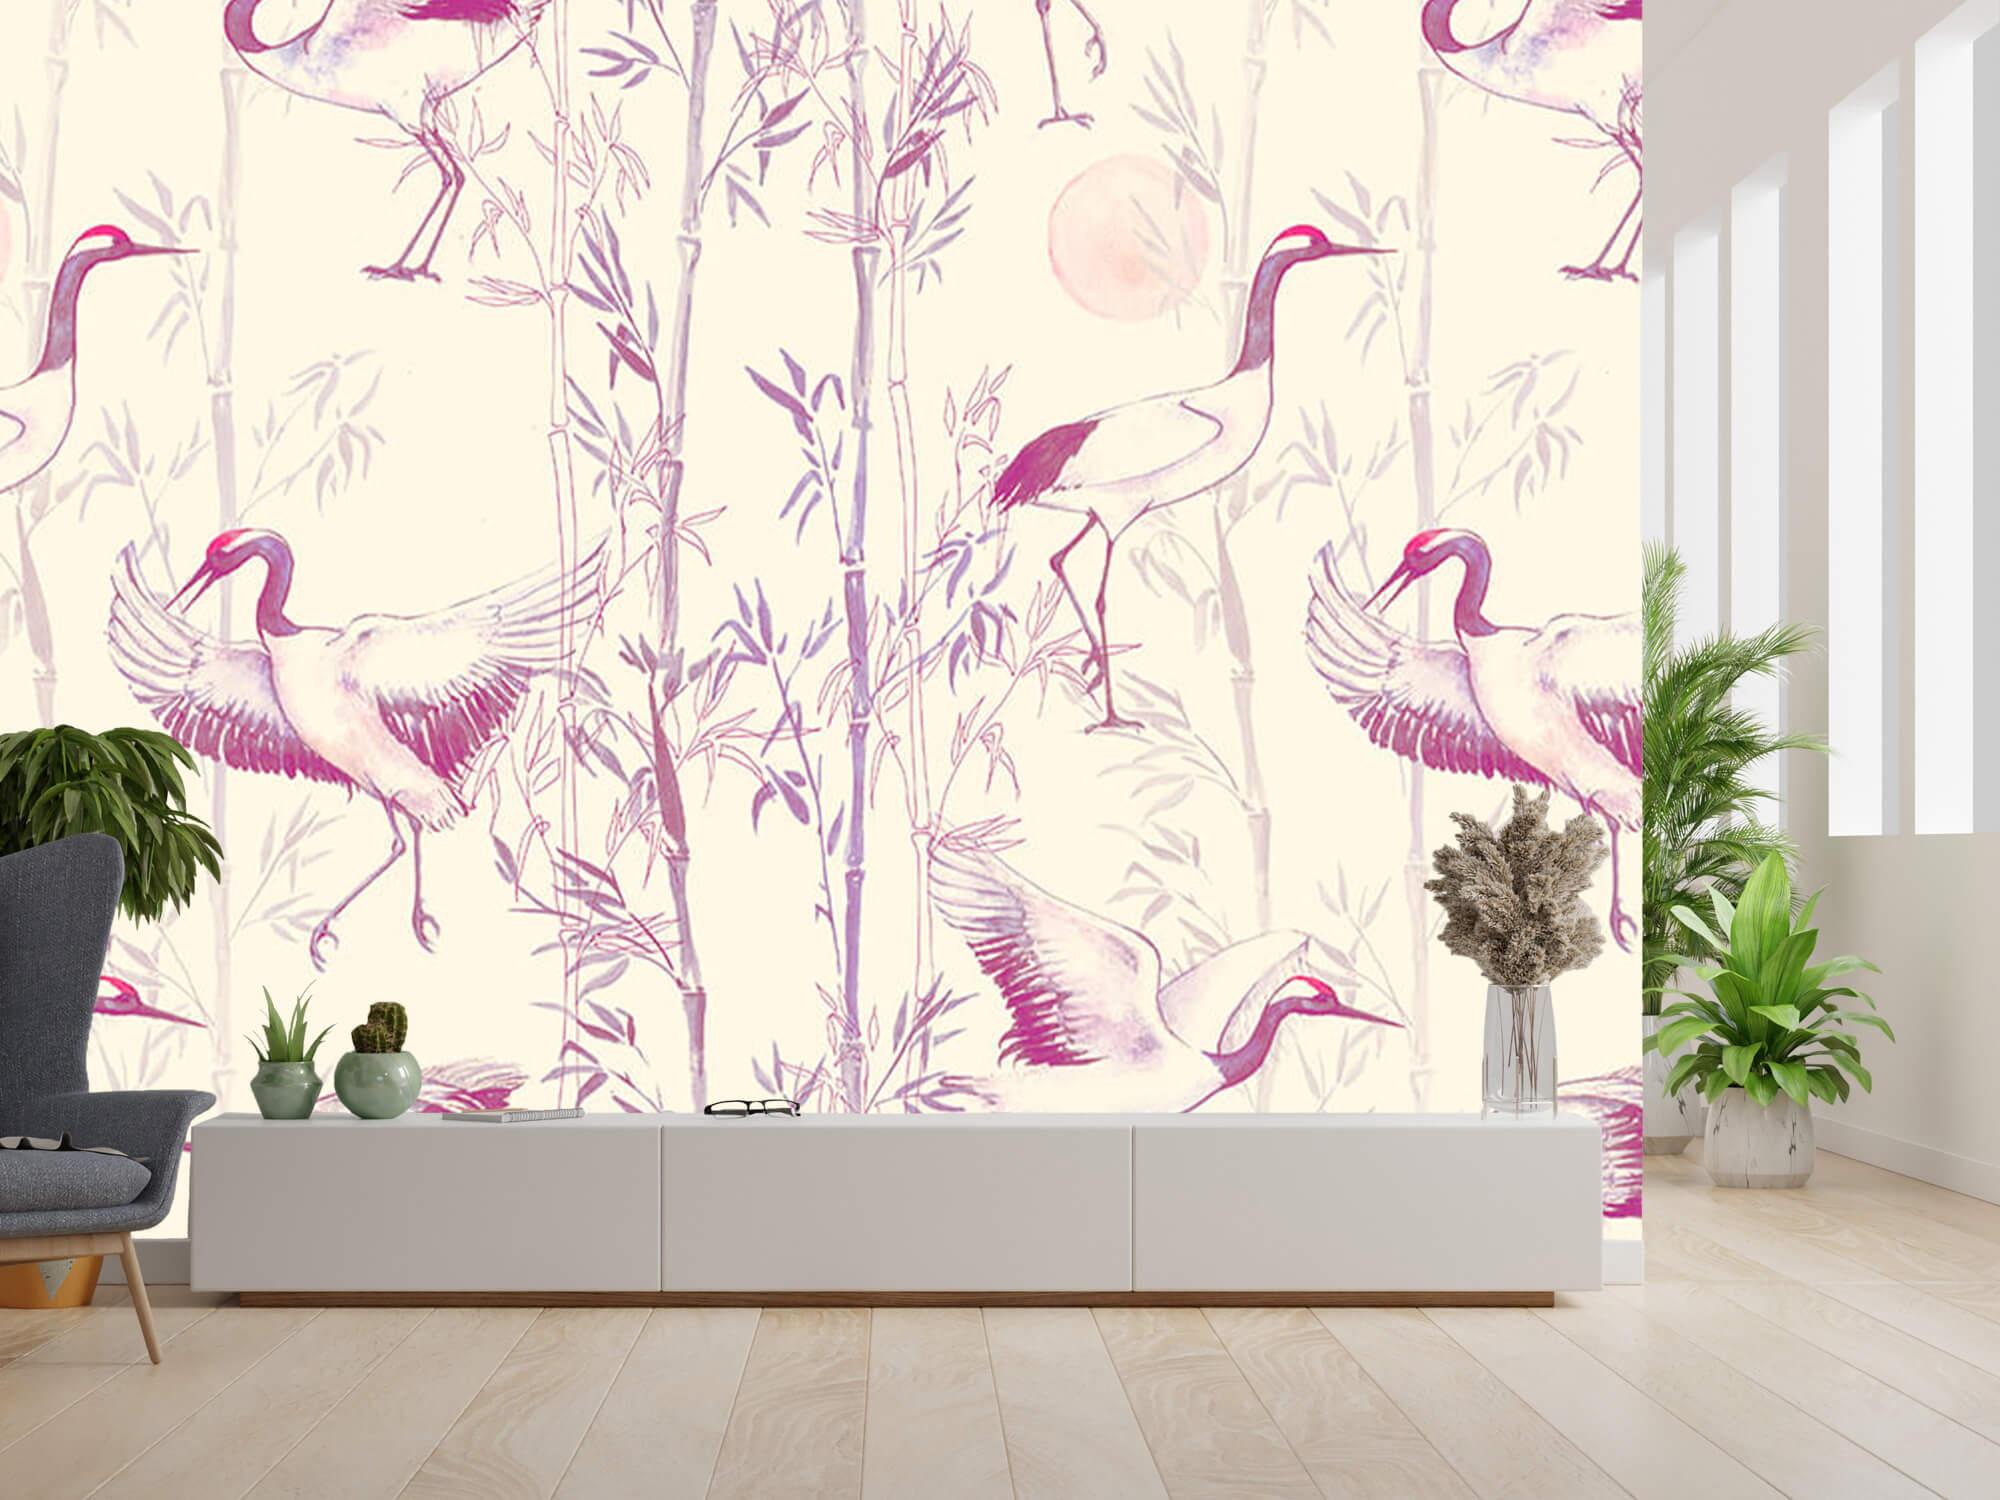 Kraanvogels en bamboe 6